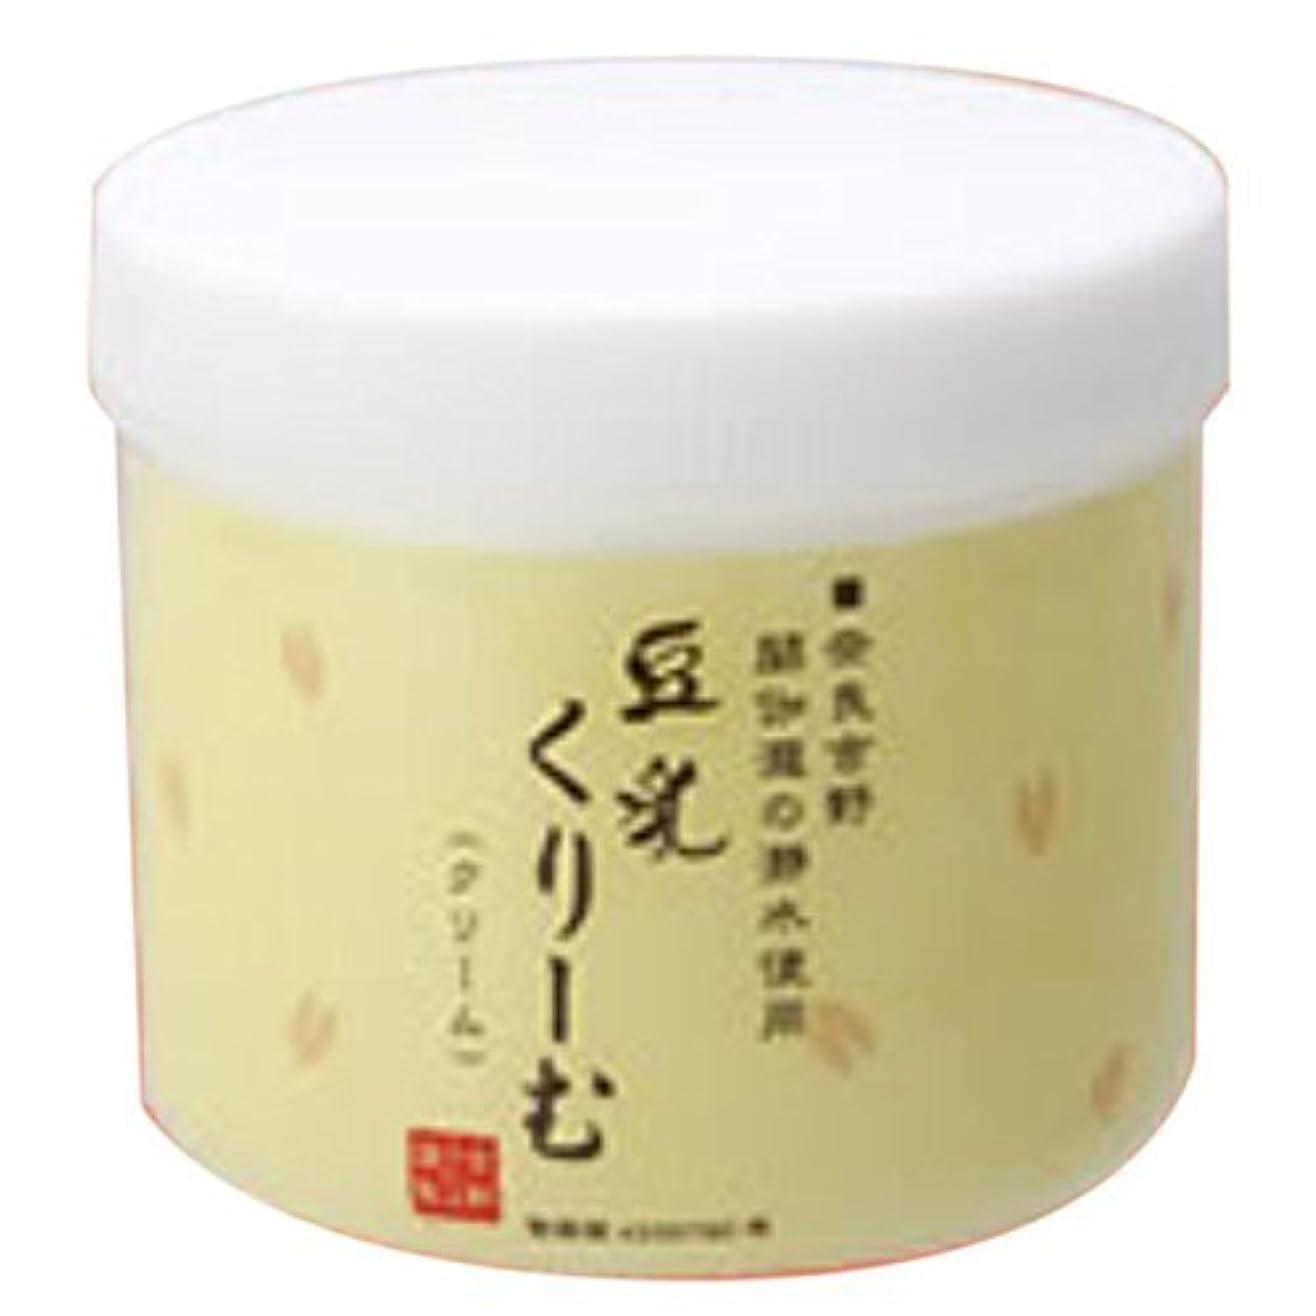 ほかにチップラジエーター吉野ふじや謹製 とうにゅうくりーむ (豆乳美容クリーム)